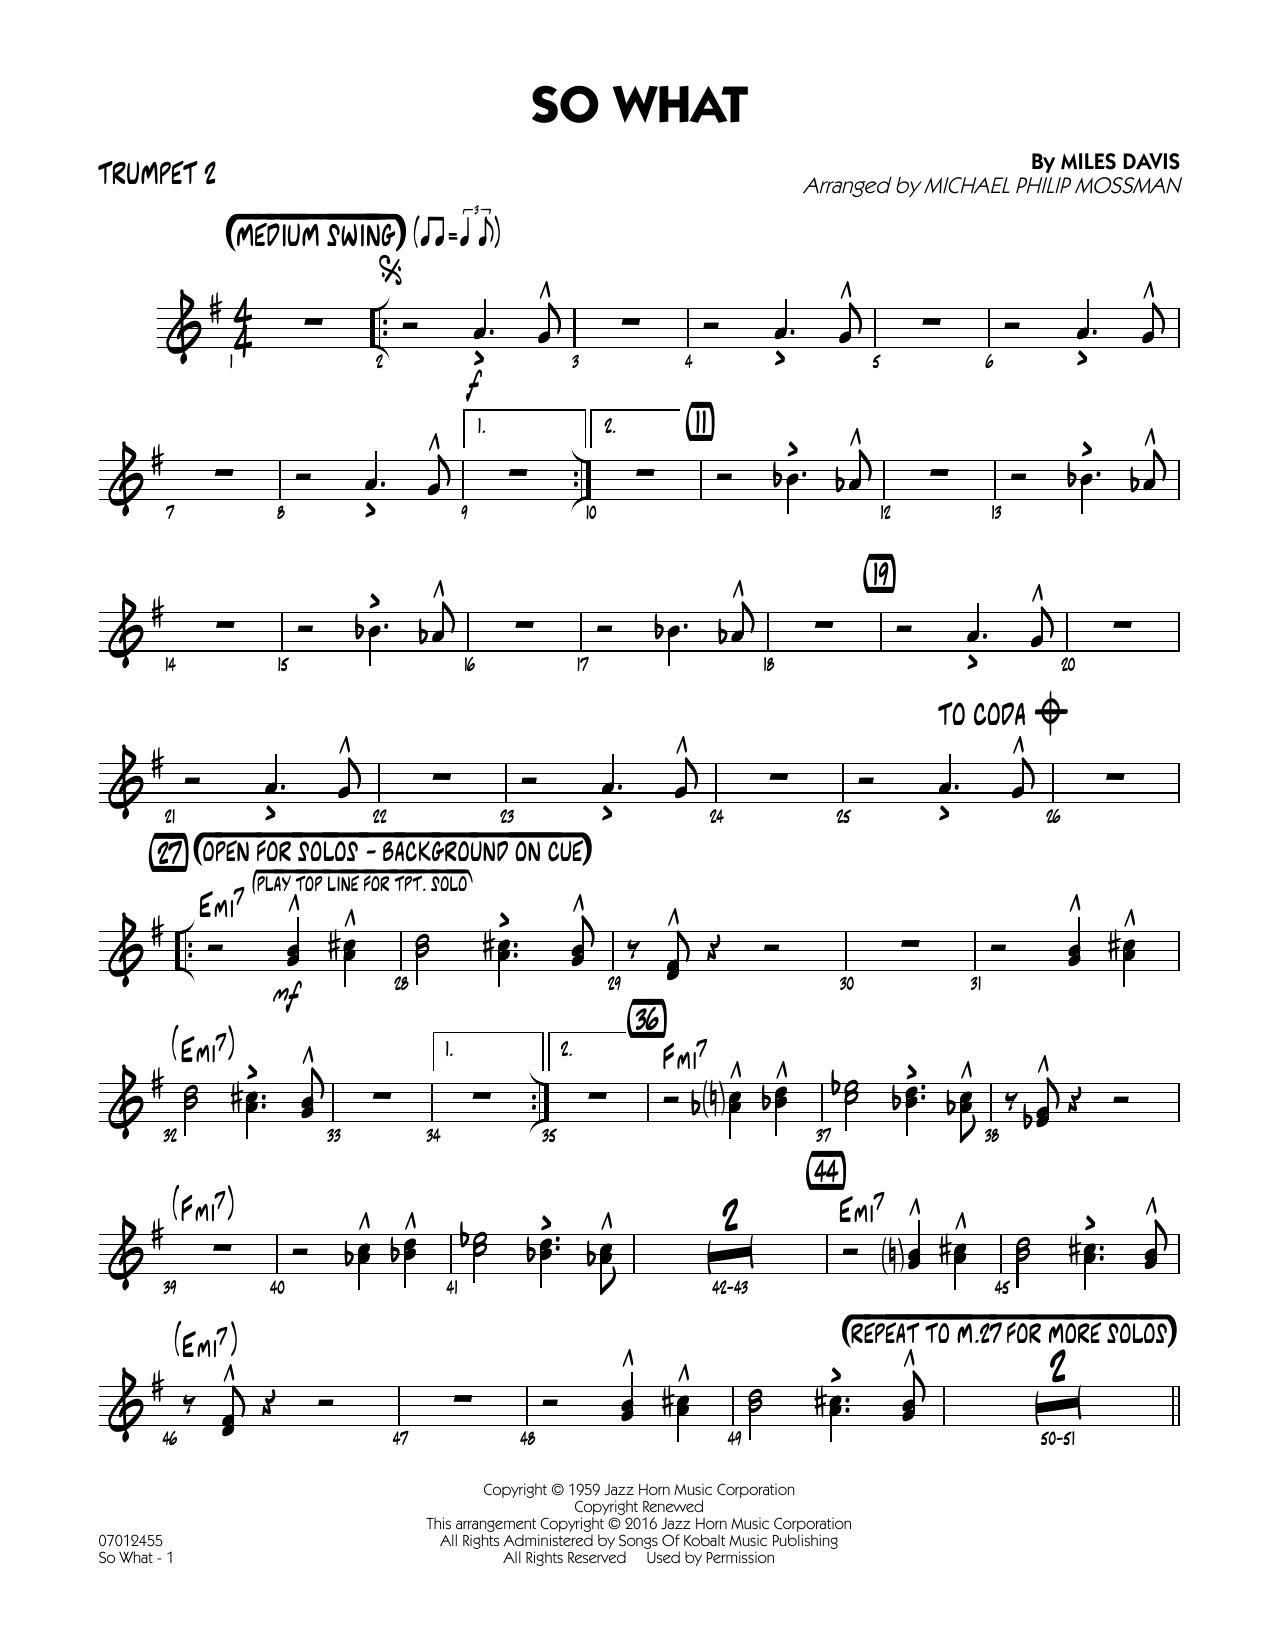 Miles Davis - So What - Trumpet 2